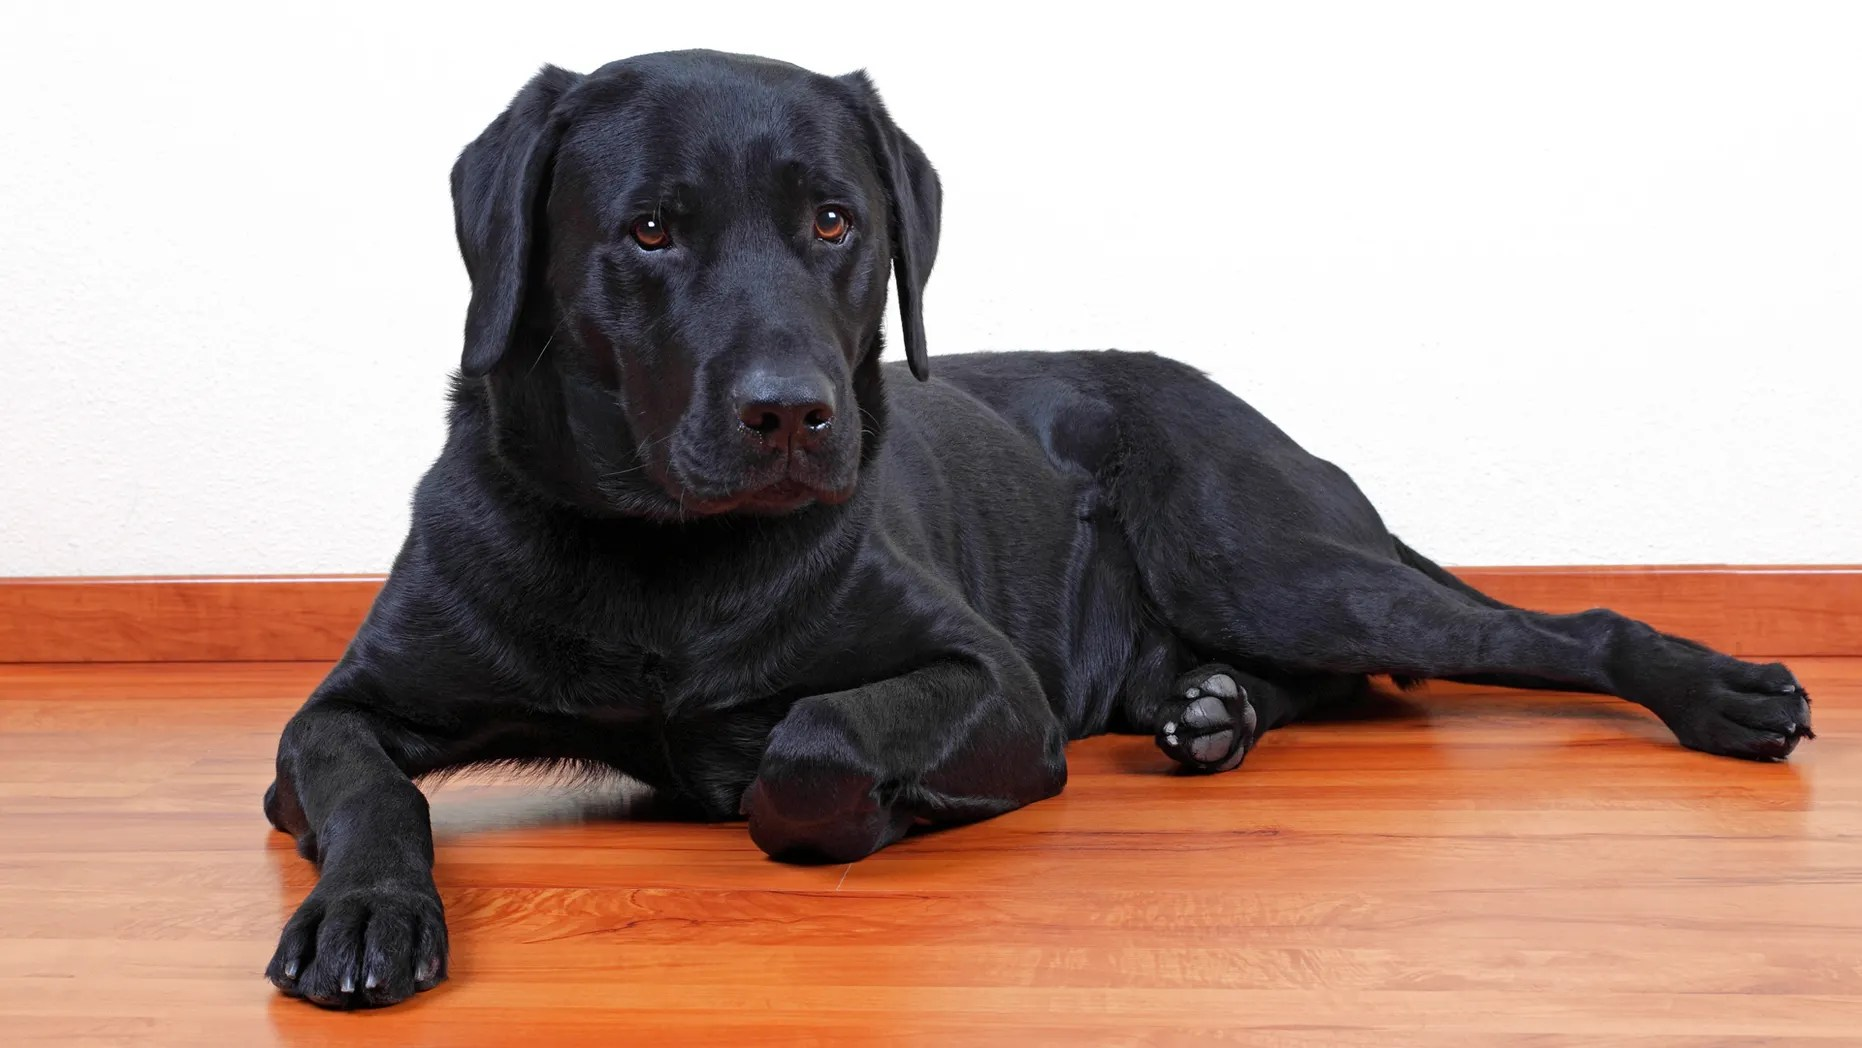 File photo - black Labrador Retriever dog.